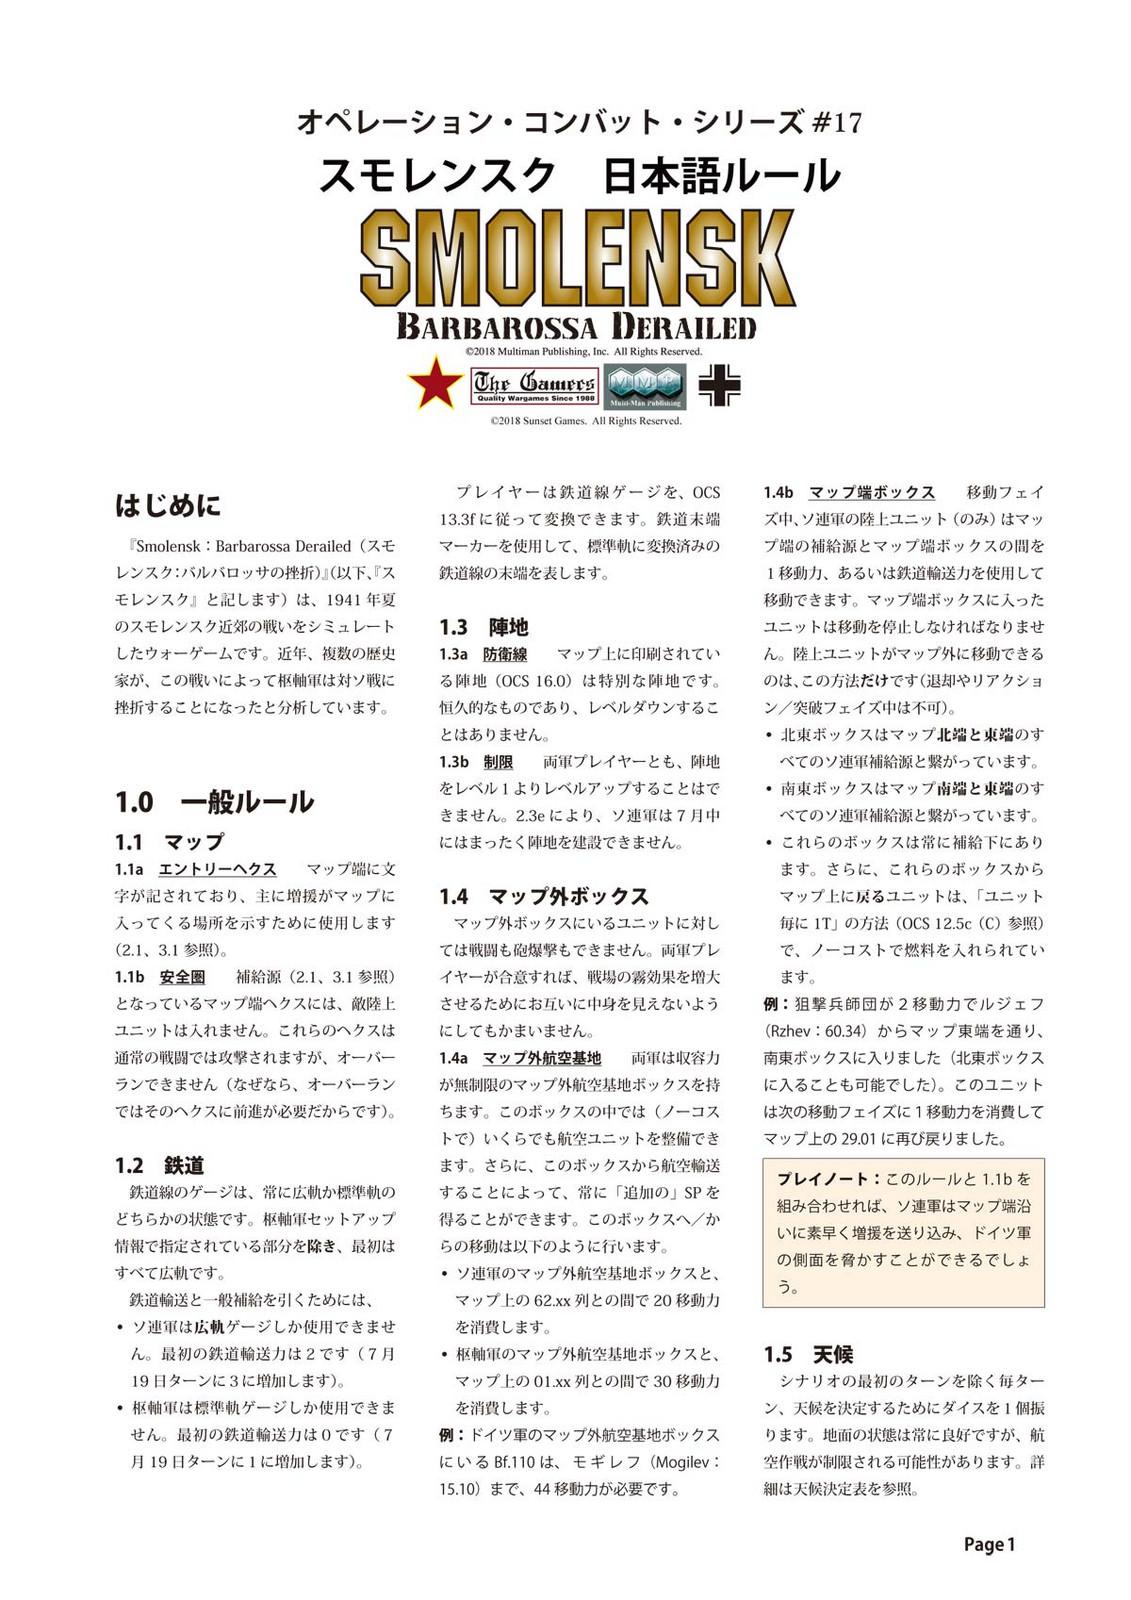 Smolenskp1_3